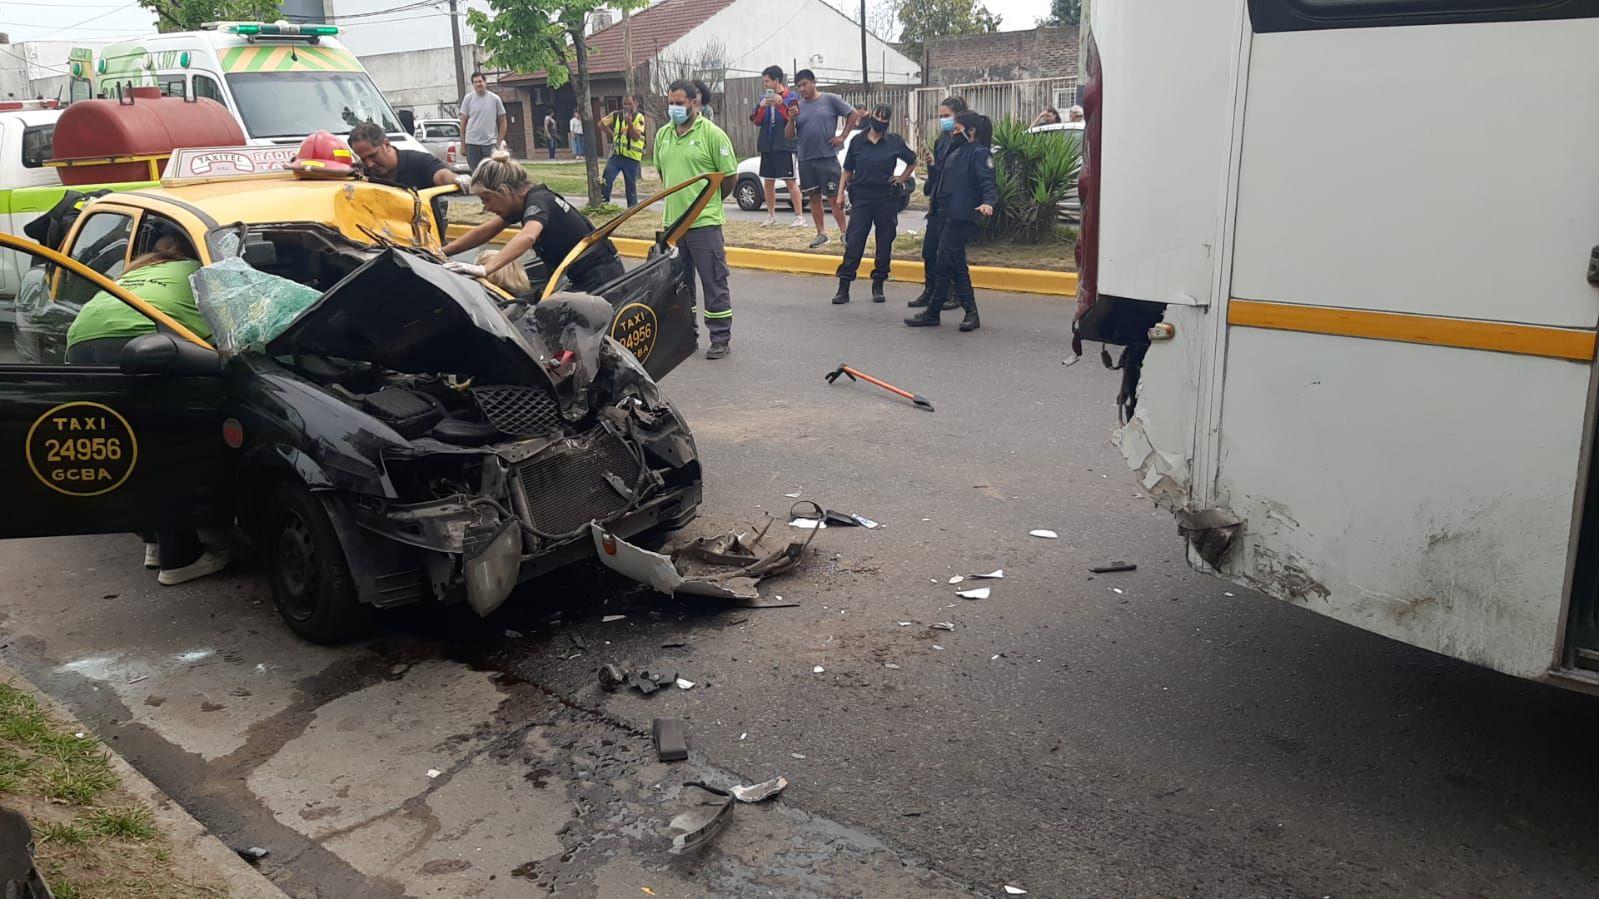 El accidente fue en la esquina de 7 y 82 en La Plata